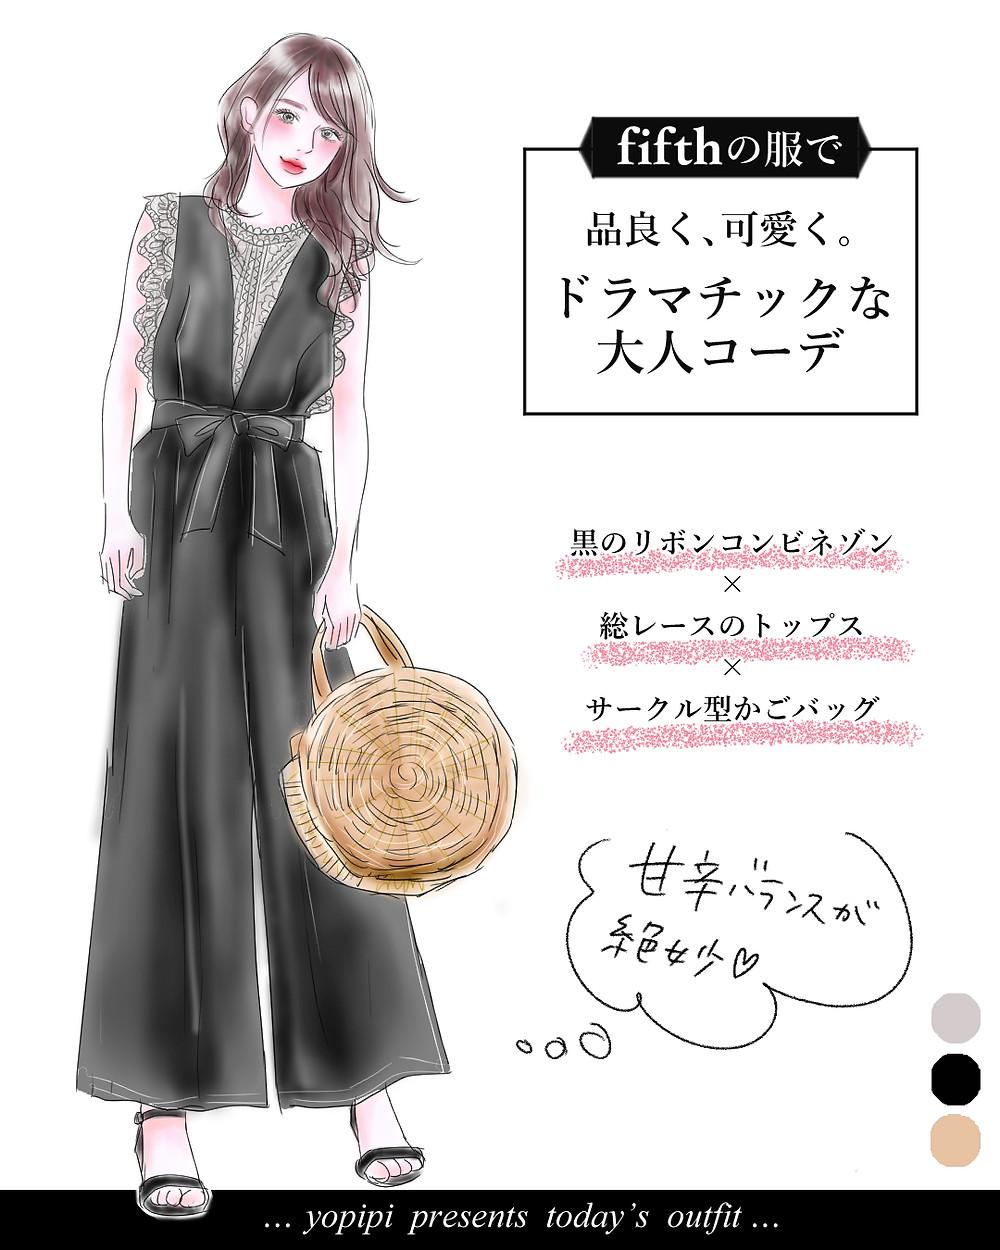 ファッションブランド「フィフス fifth 」春夏コーデイラスト